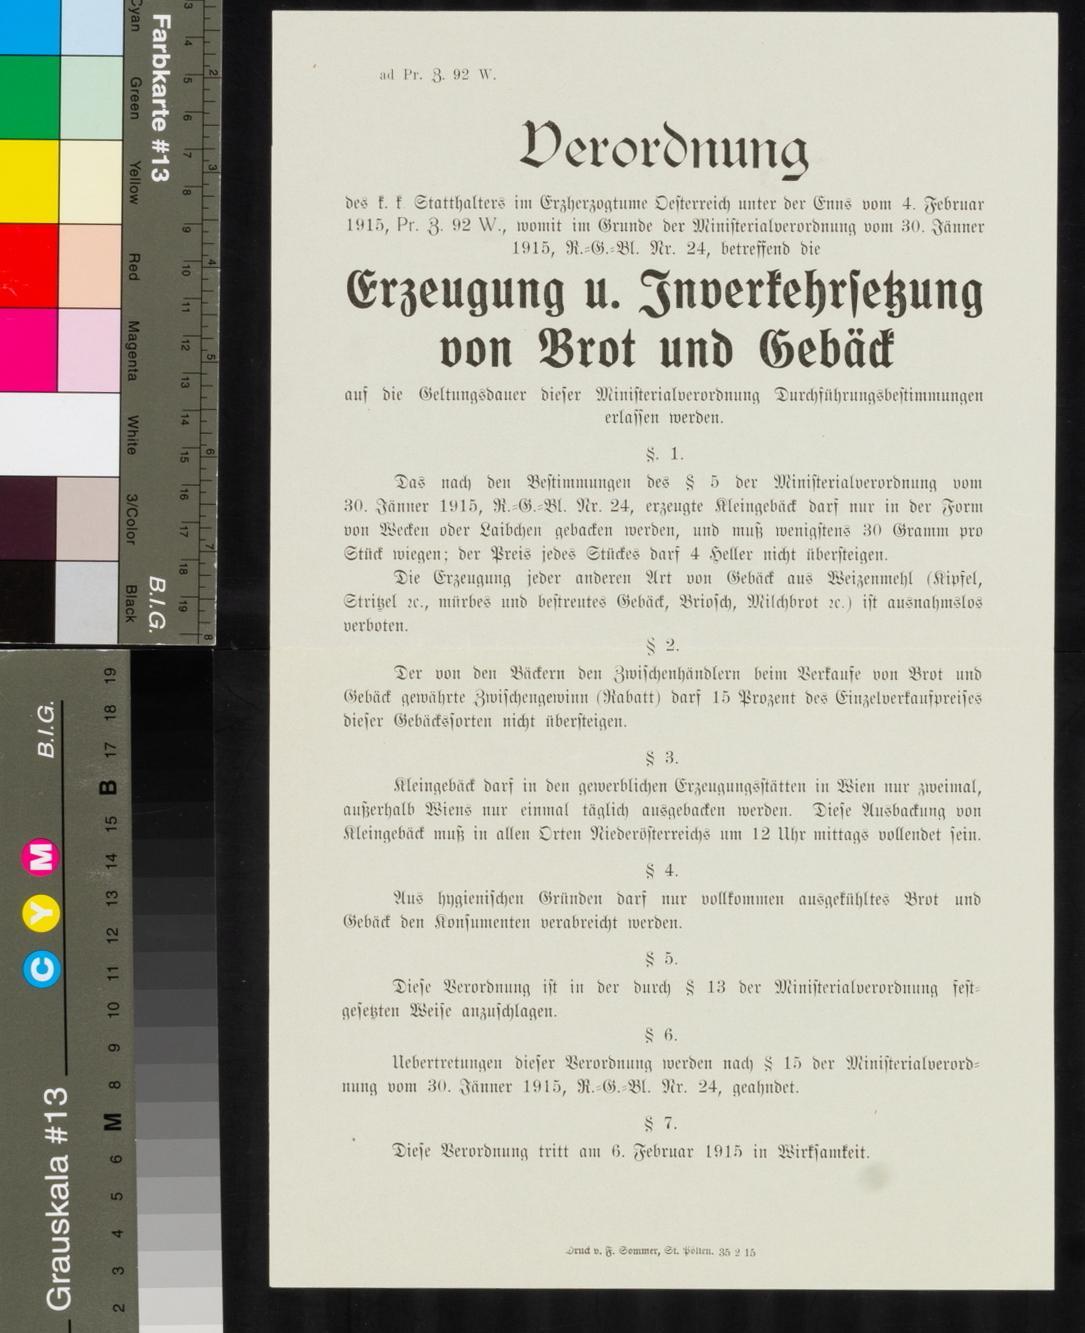 Kundmachung, Zur Erzeugung und Inverkehrsetzung von Brot und Gebäck, 6. Februar 1915, ad Pr. Z. 92 W., k. k. Stadthalter im Erzherzogtume Oesterreich unter der Enns